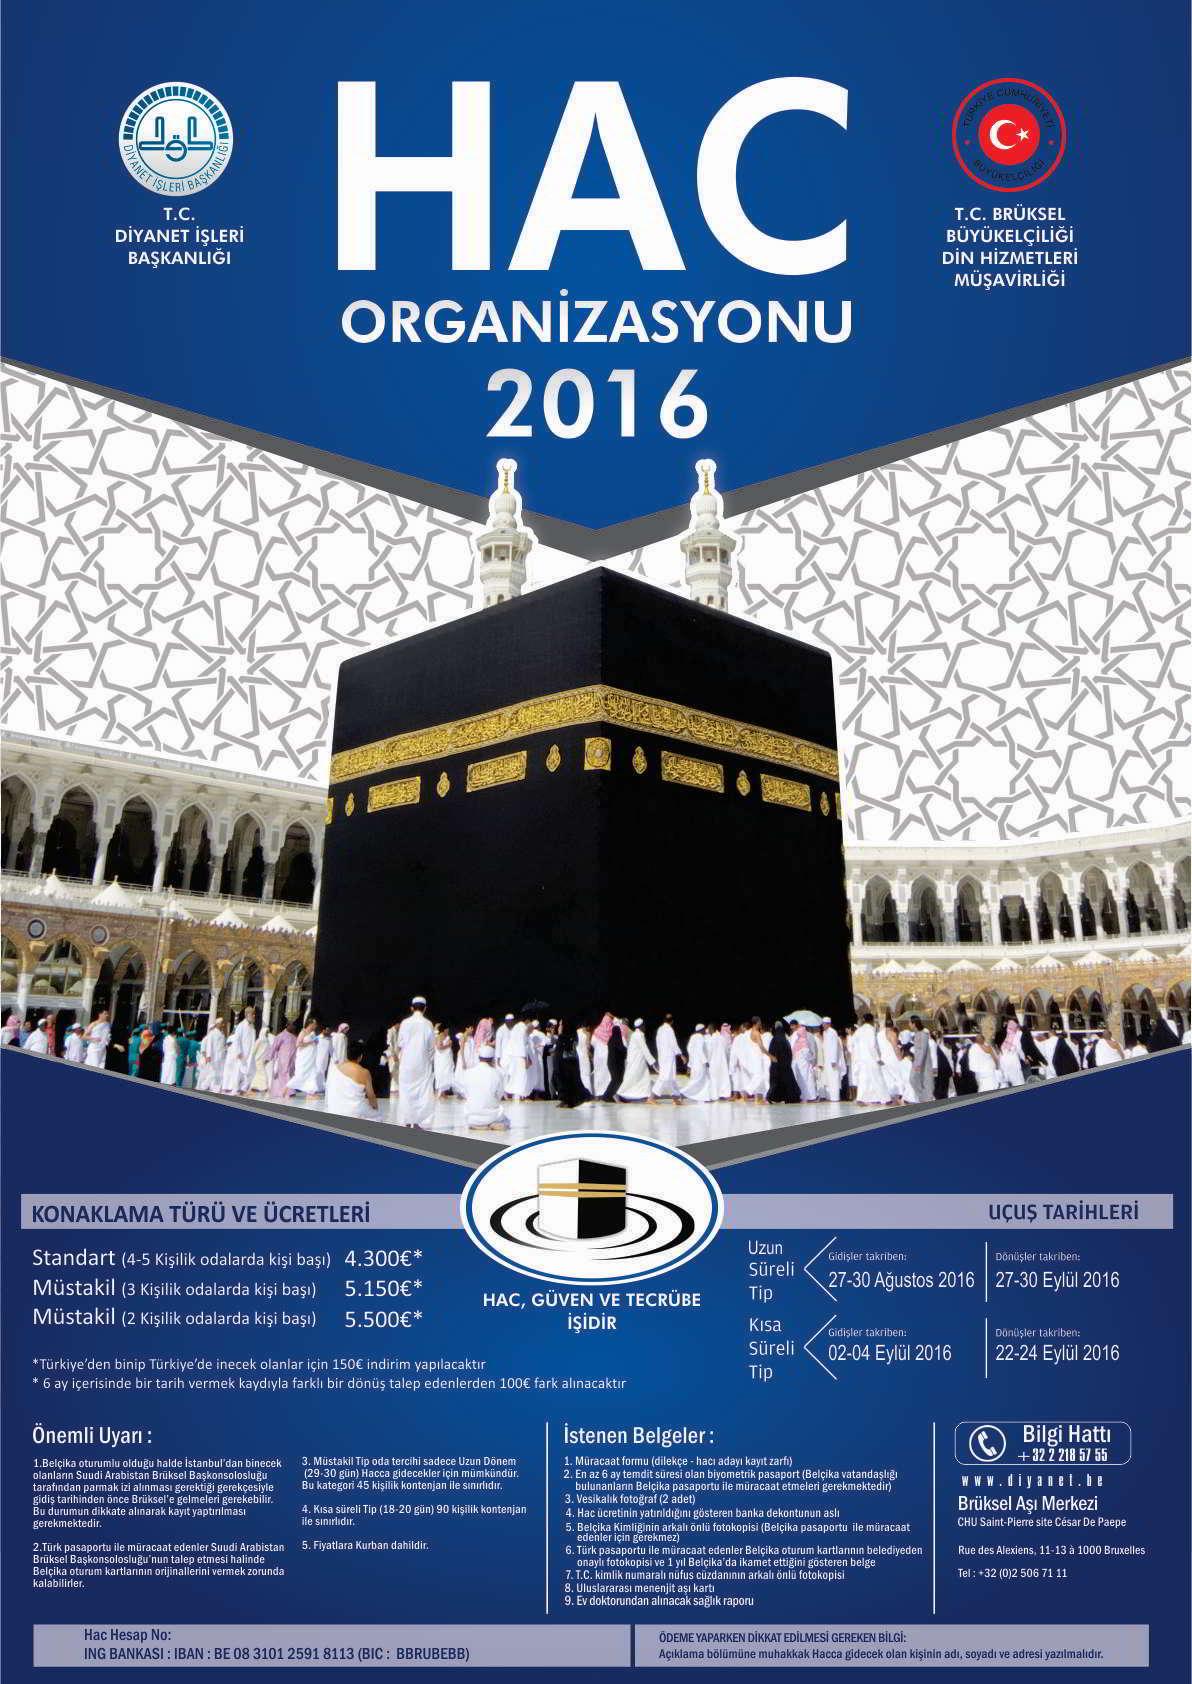 2016 Hac Organizasyonu